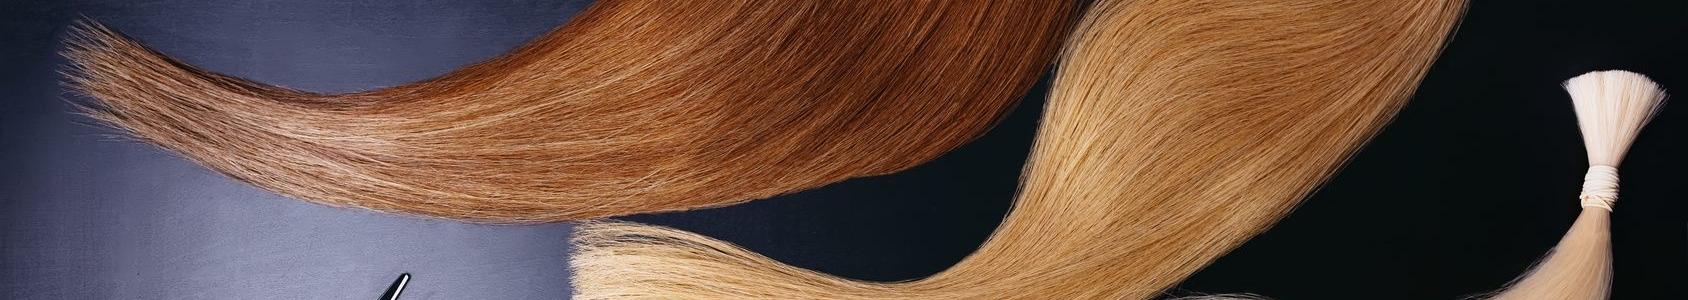 Extensiones de pelo cabello en nuestra peluquería en Madrid de Calle Velazquez